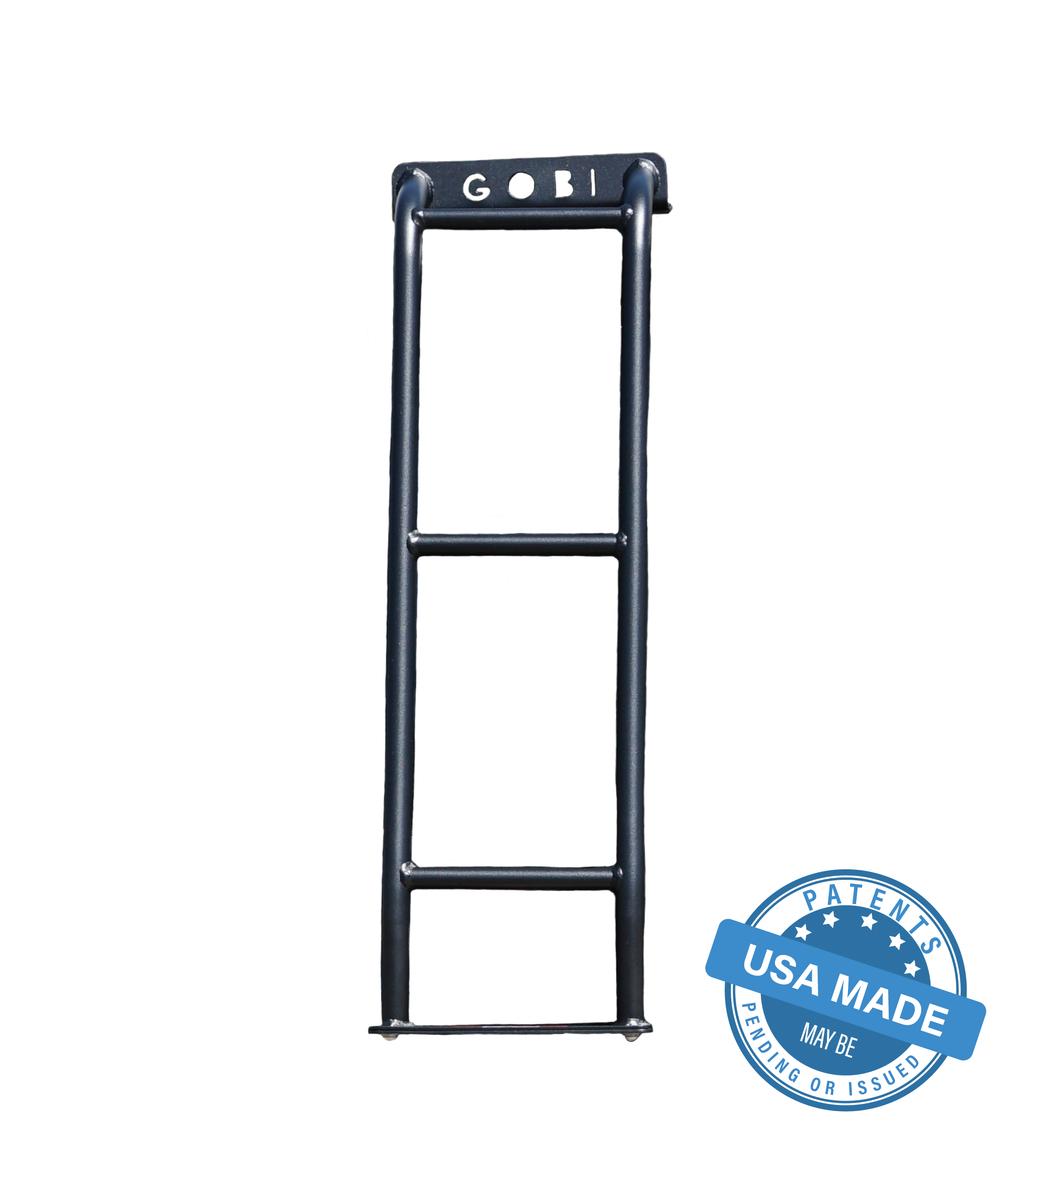 GOBI Land Rover LR-4 Rear Ladder Stealth/Ranger*